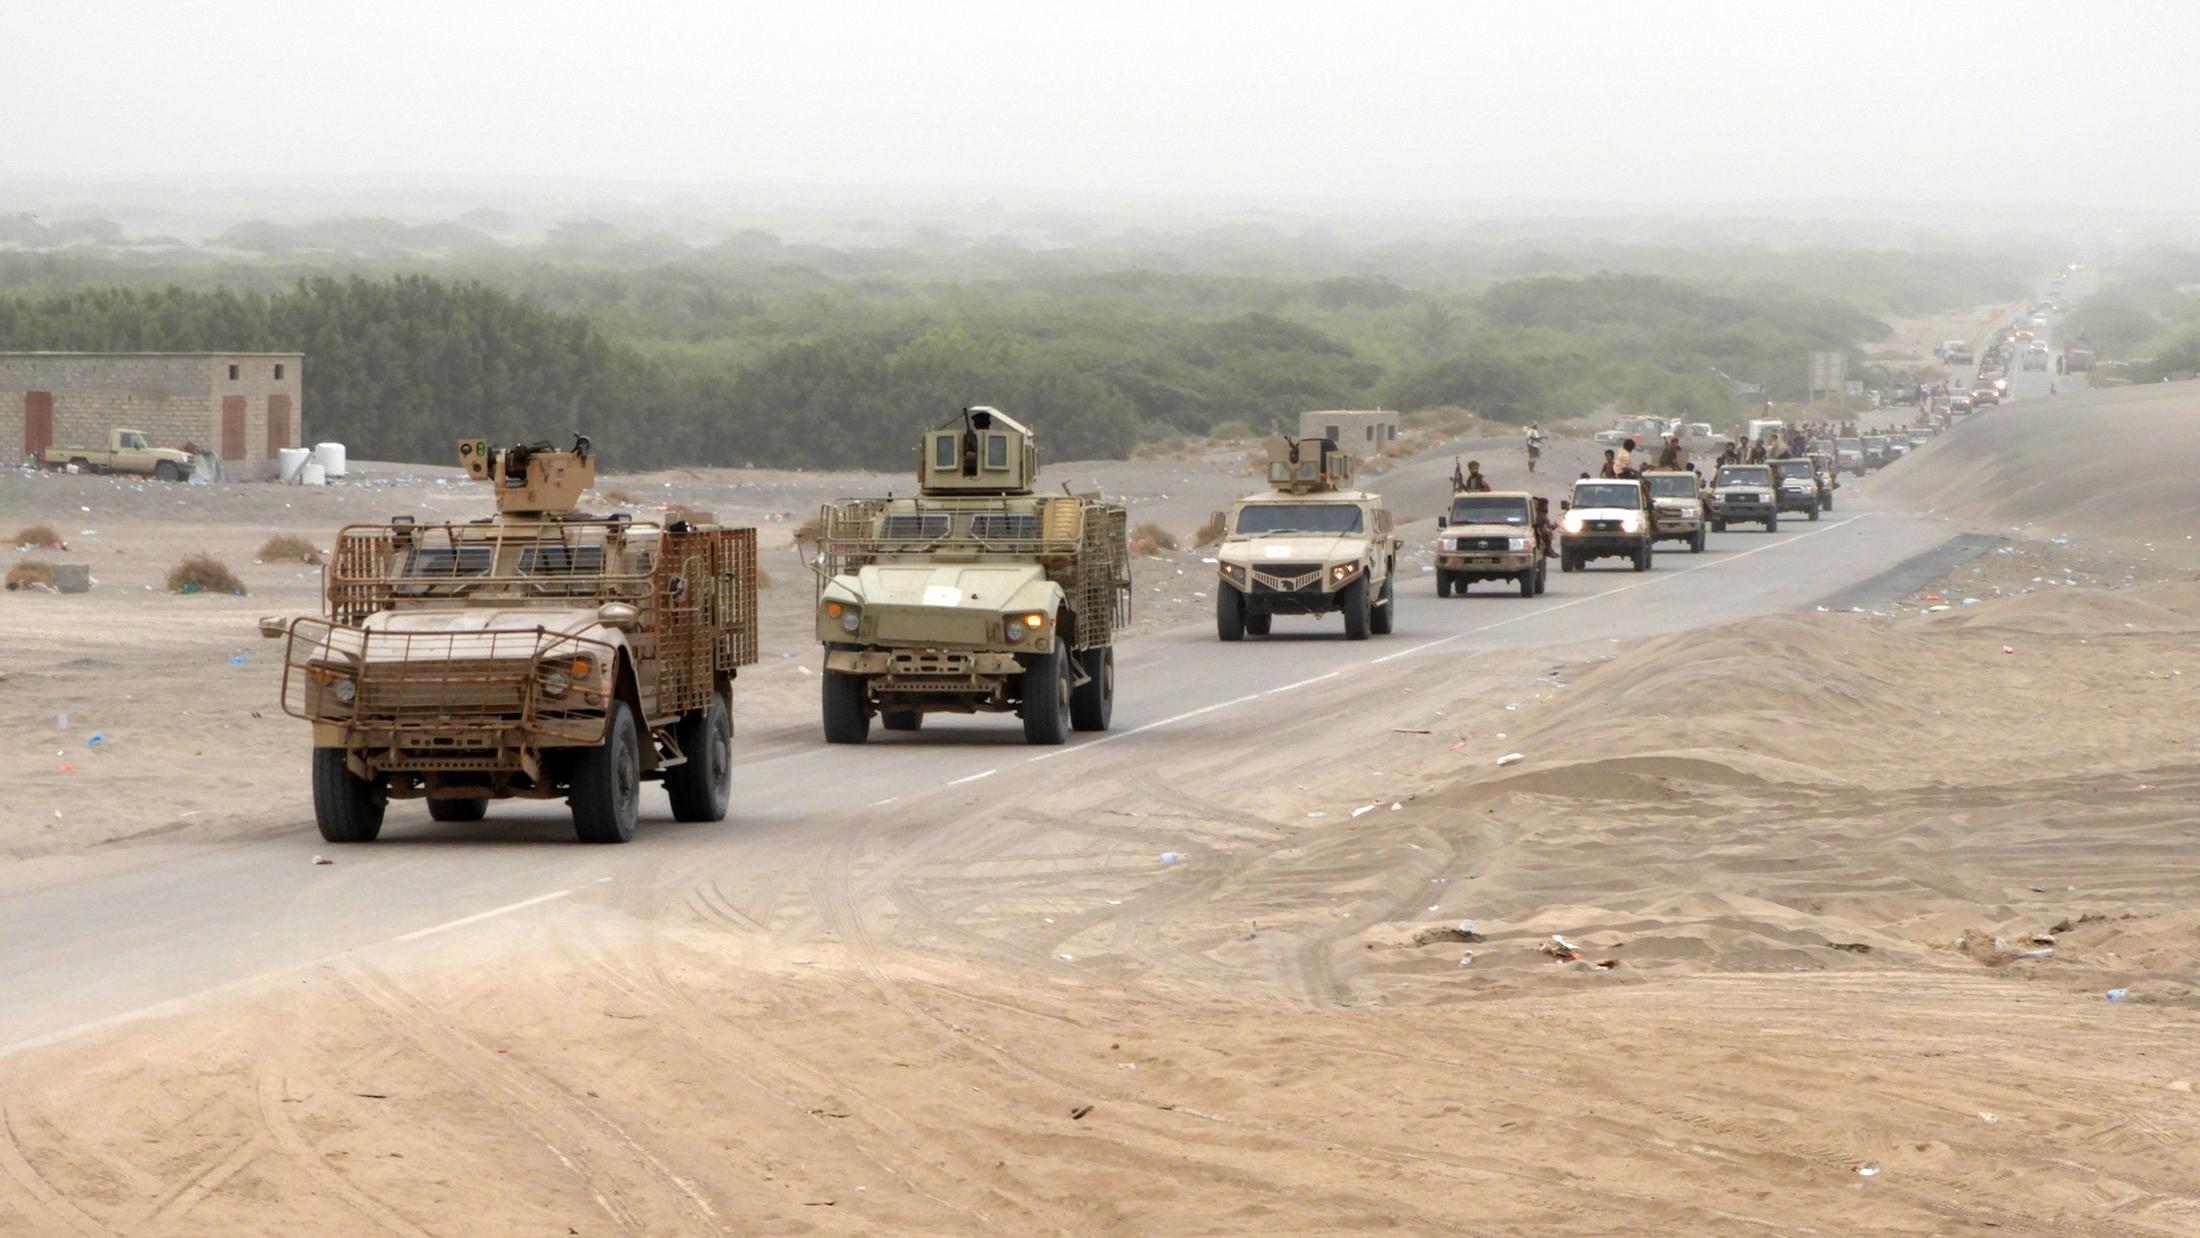 الجيش اليمني يسيطر على مواقع جديدة بصعدة ومصرع قيادي حوثي